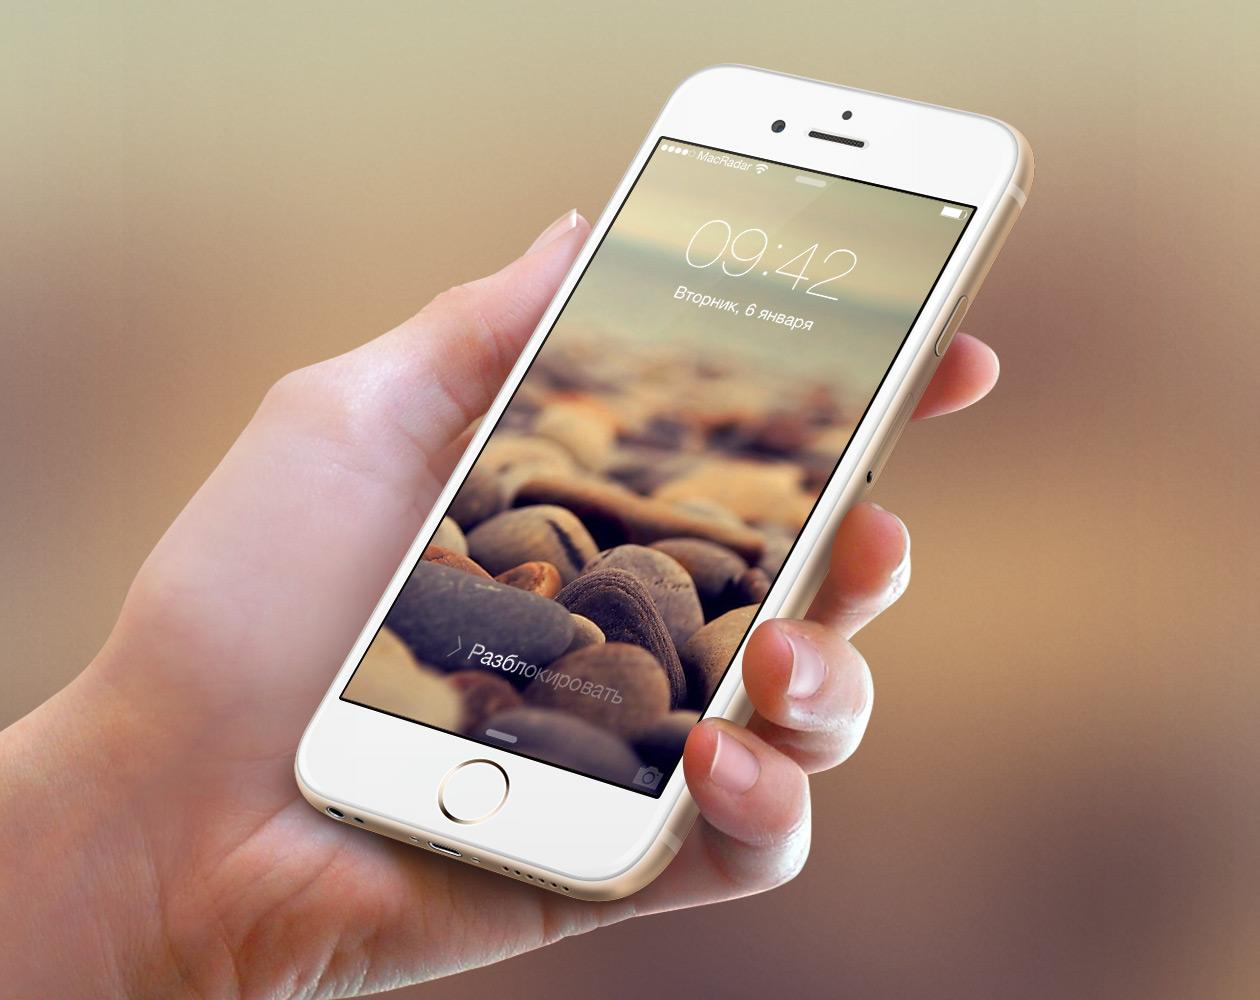 Как сфотографировать экран на айфоне именно это